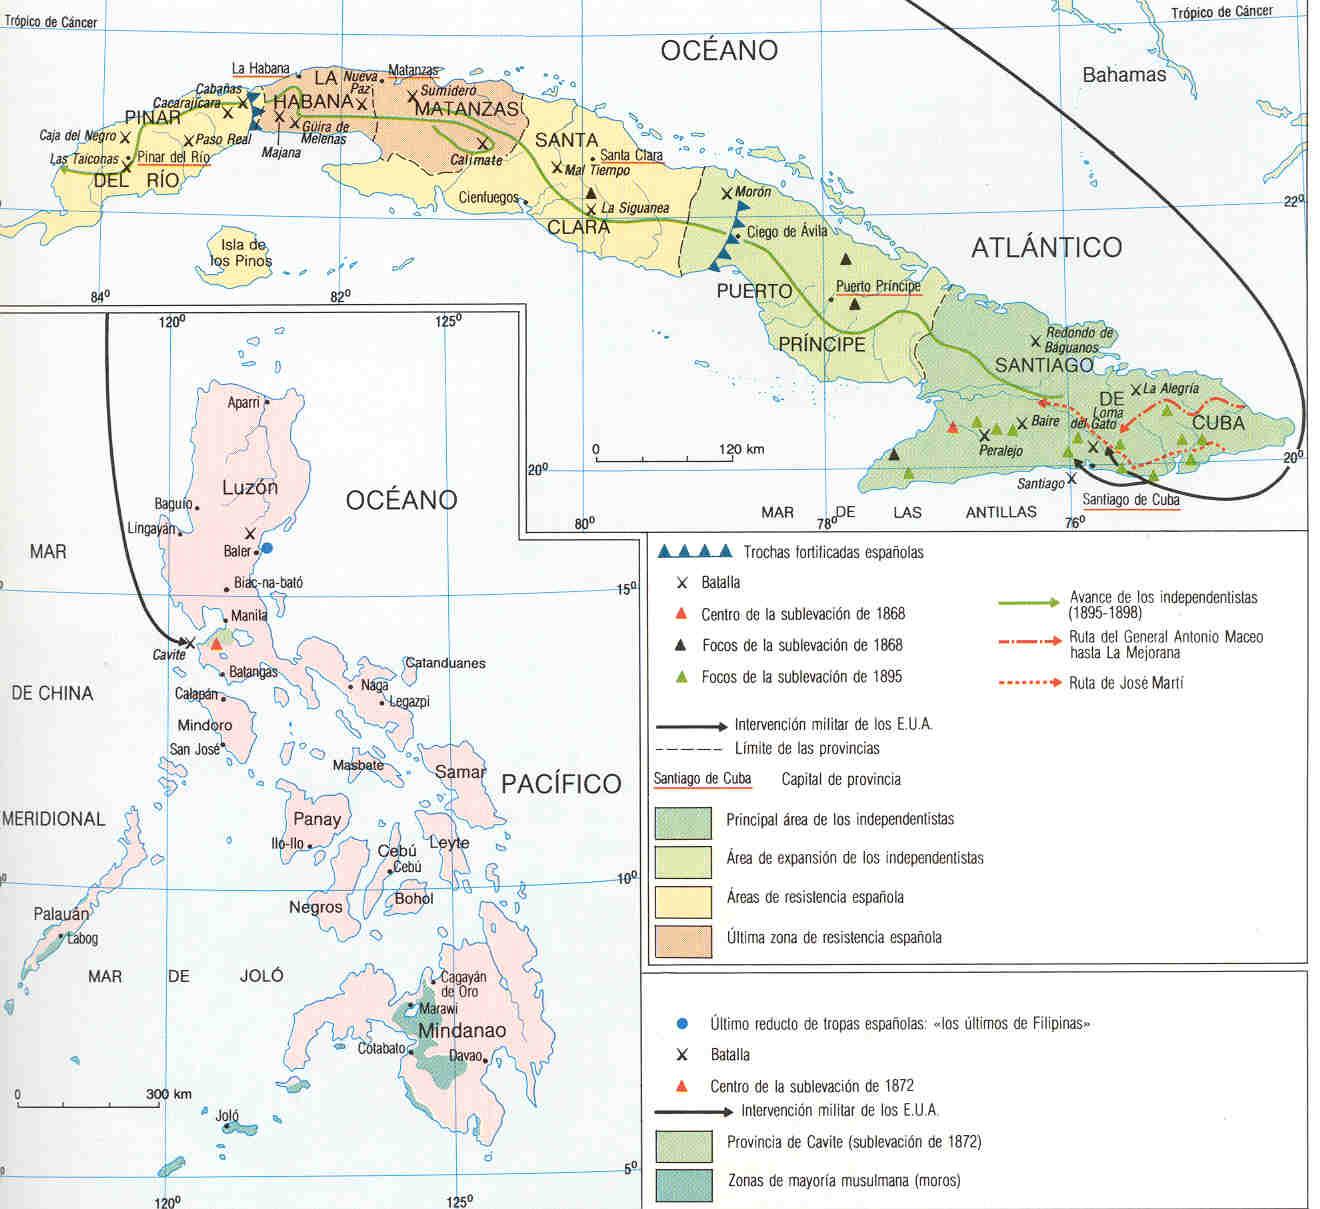 El Viaje De La Historia: La Guerra De Cuba